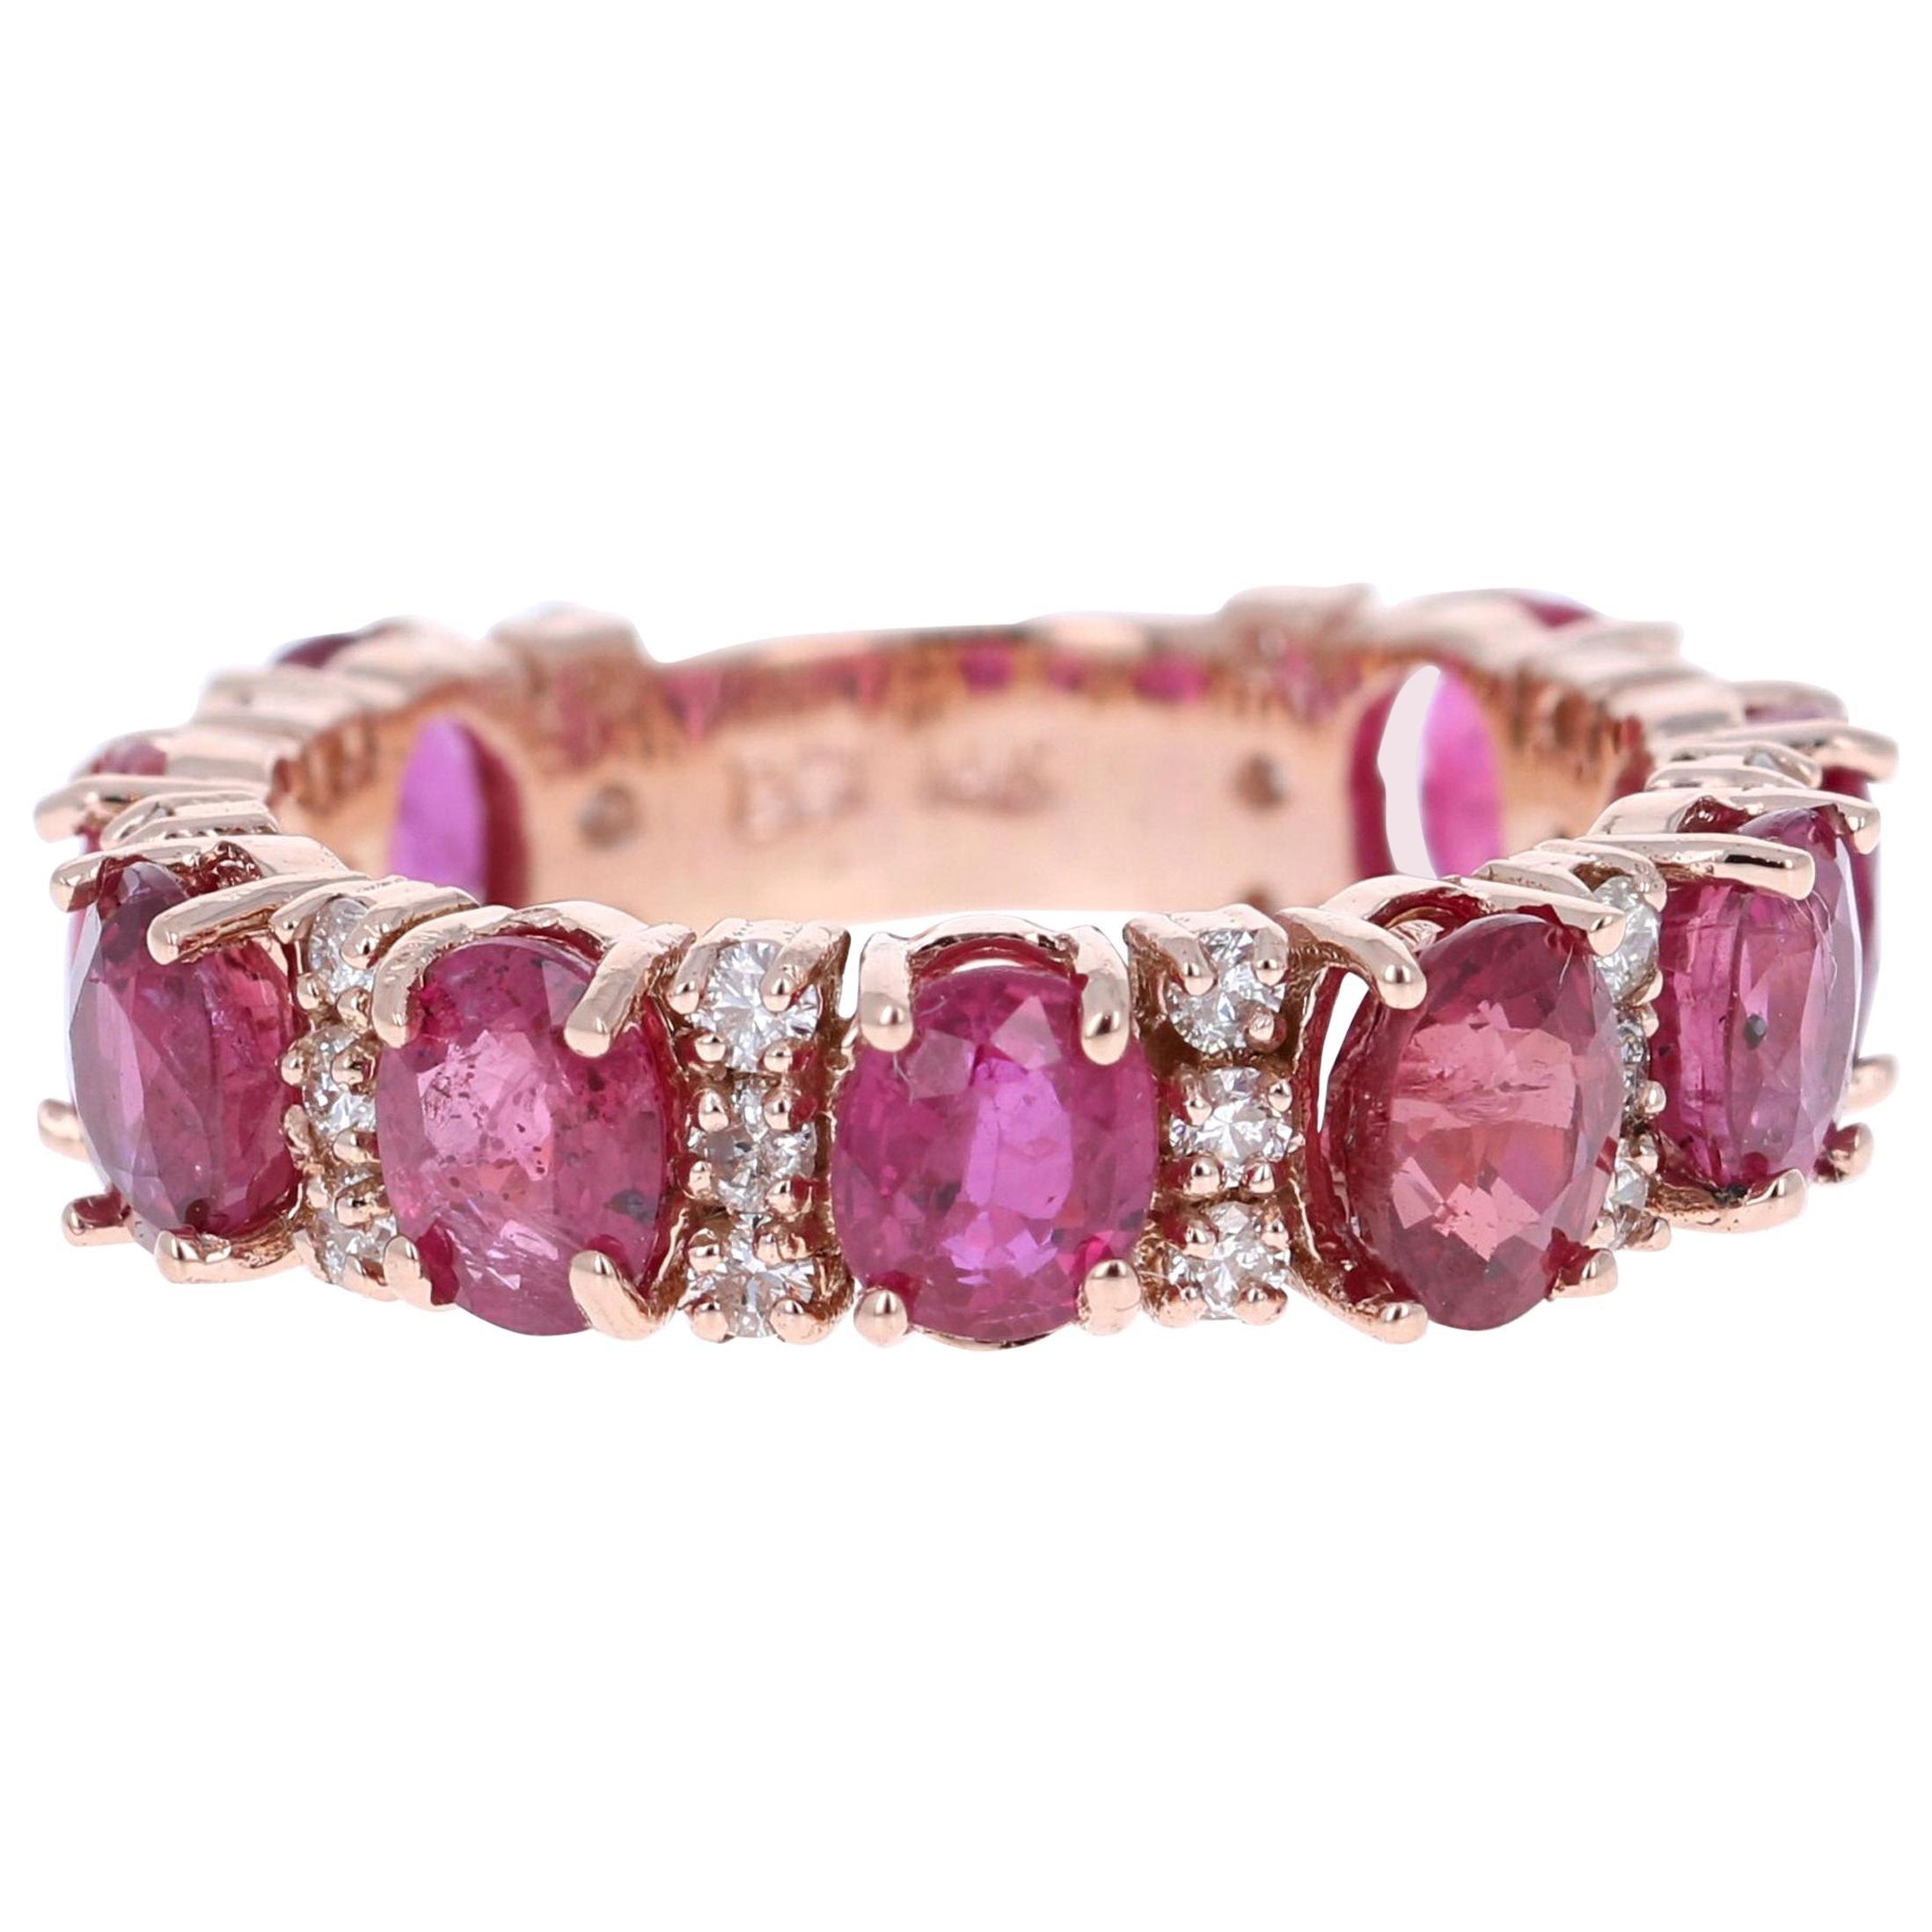 5.42 Carat Ruby Diamond 14 Karat Rose Gold Band